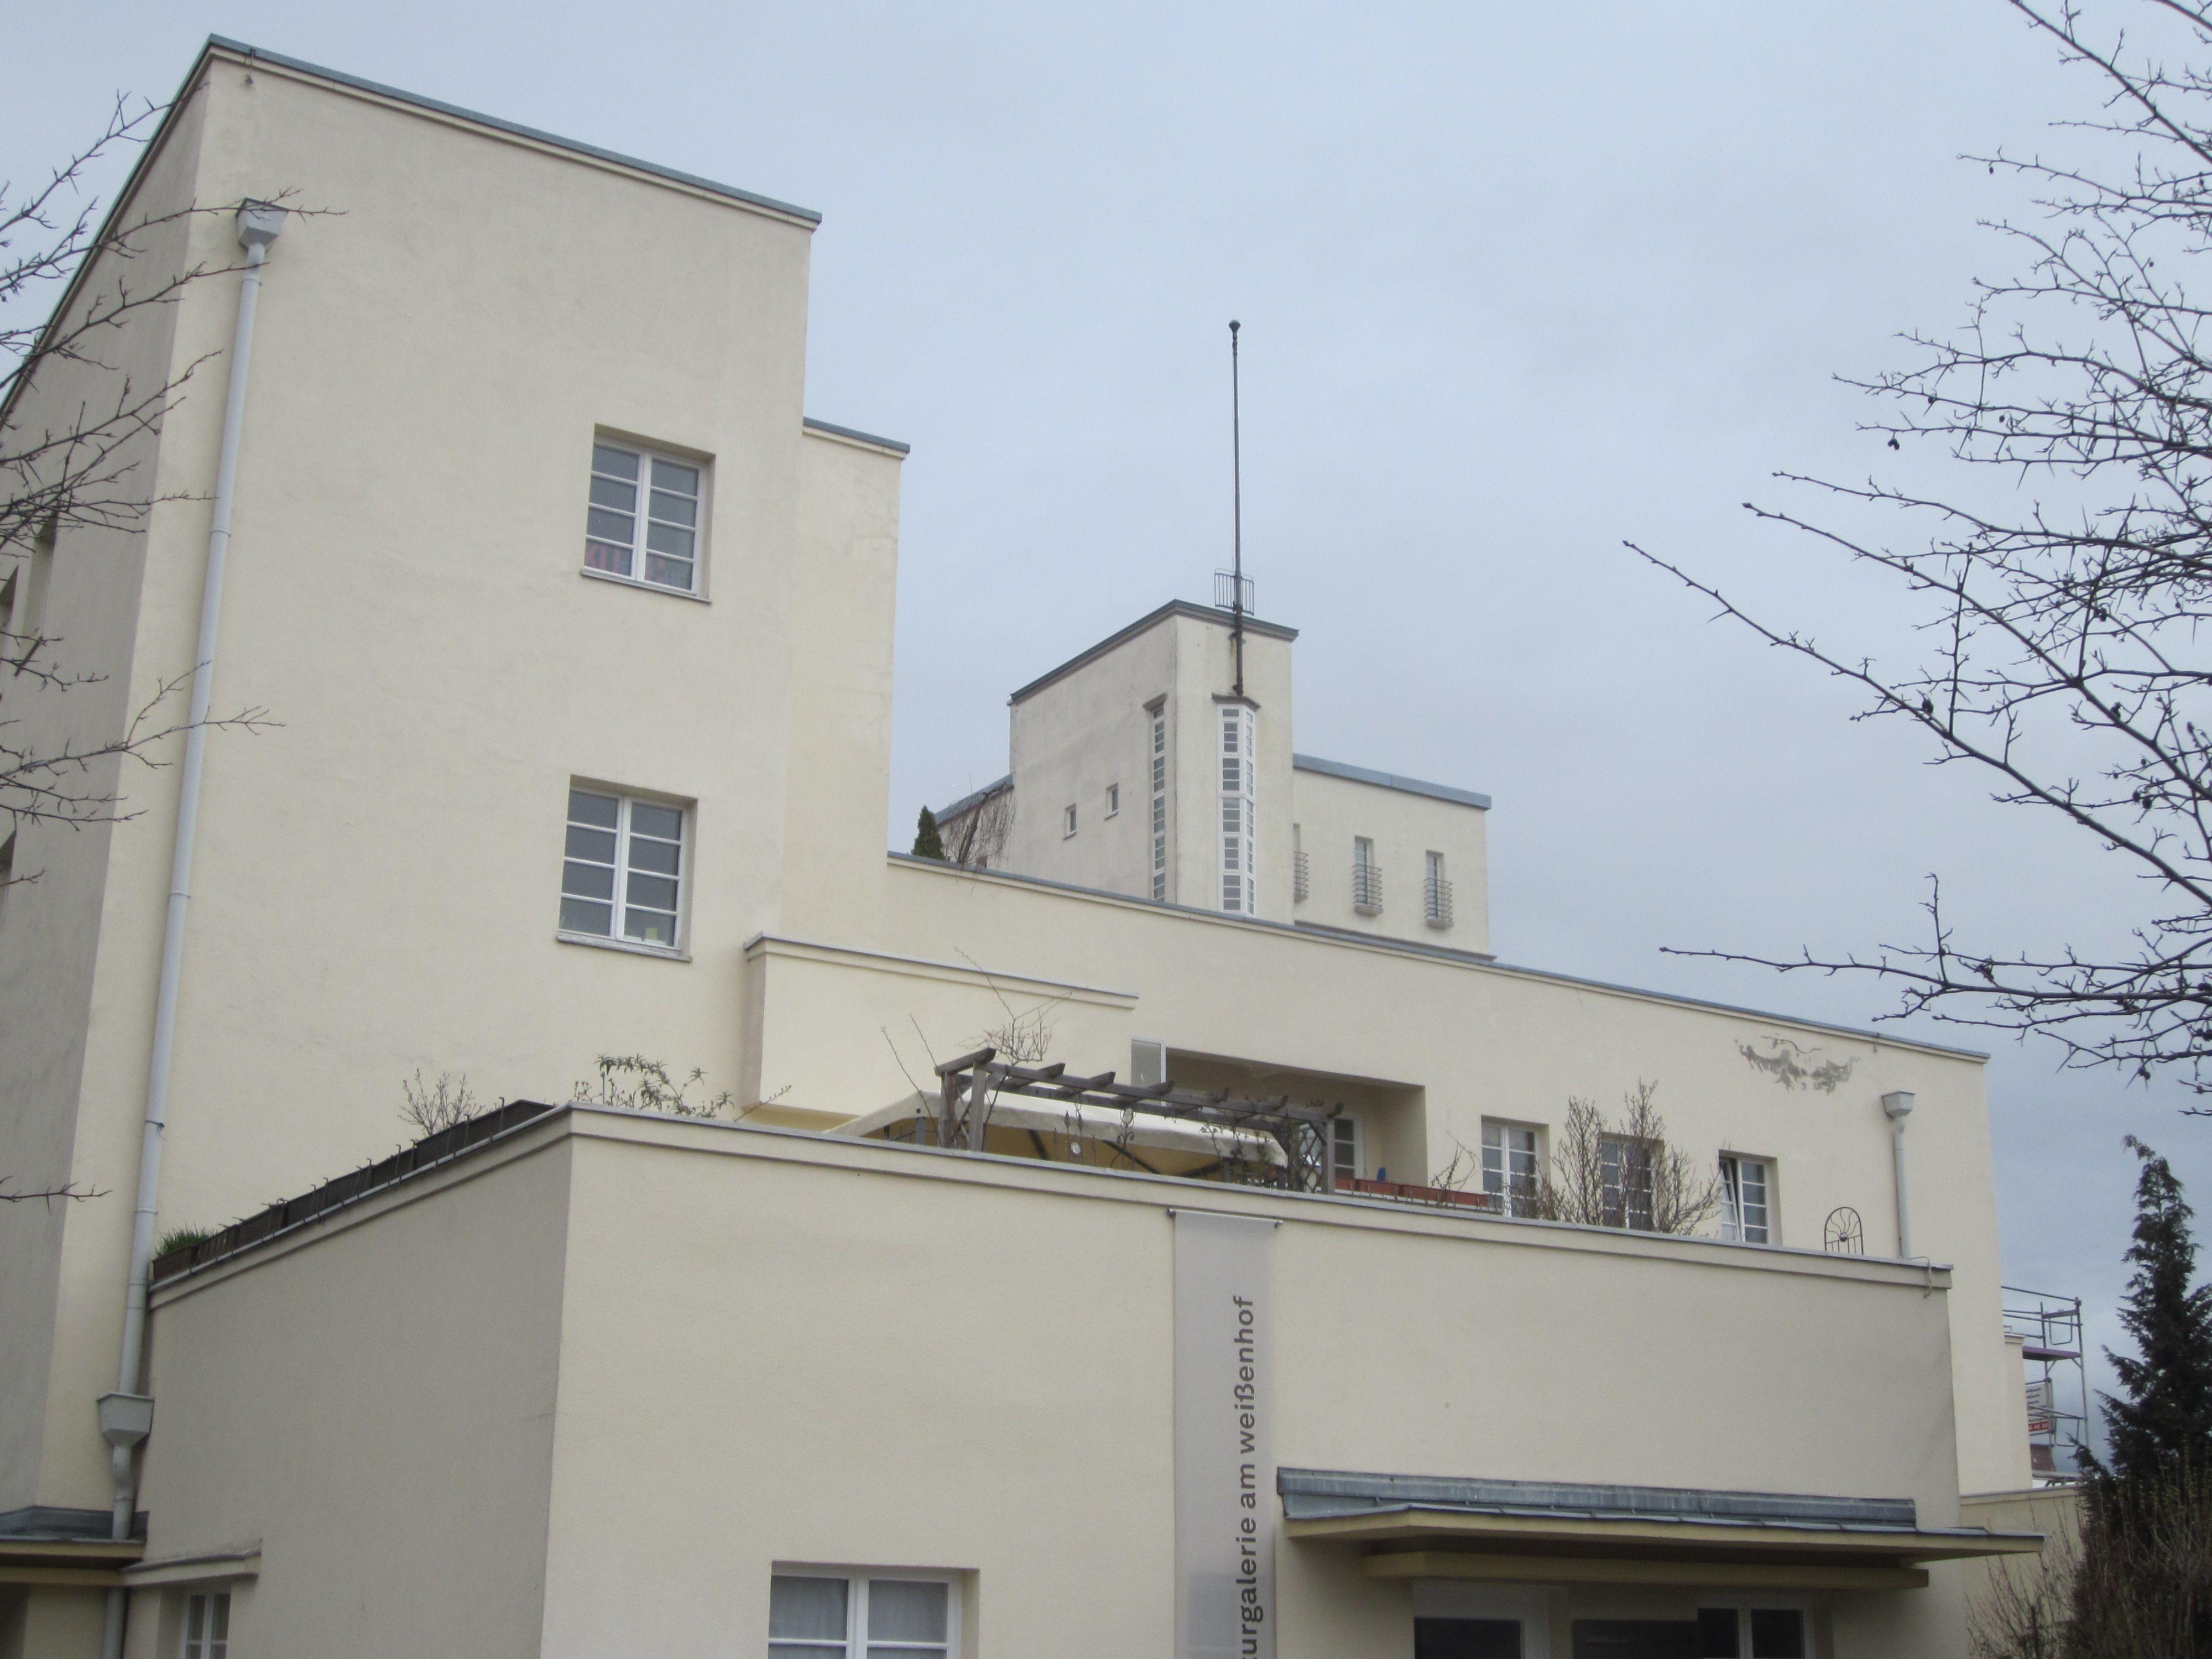 Weissenhof estate bauhaus architecture stuttgart photo by for Stuttgart architecture